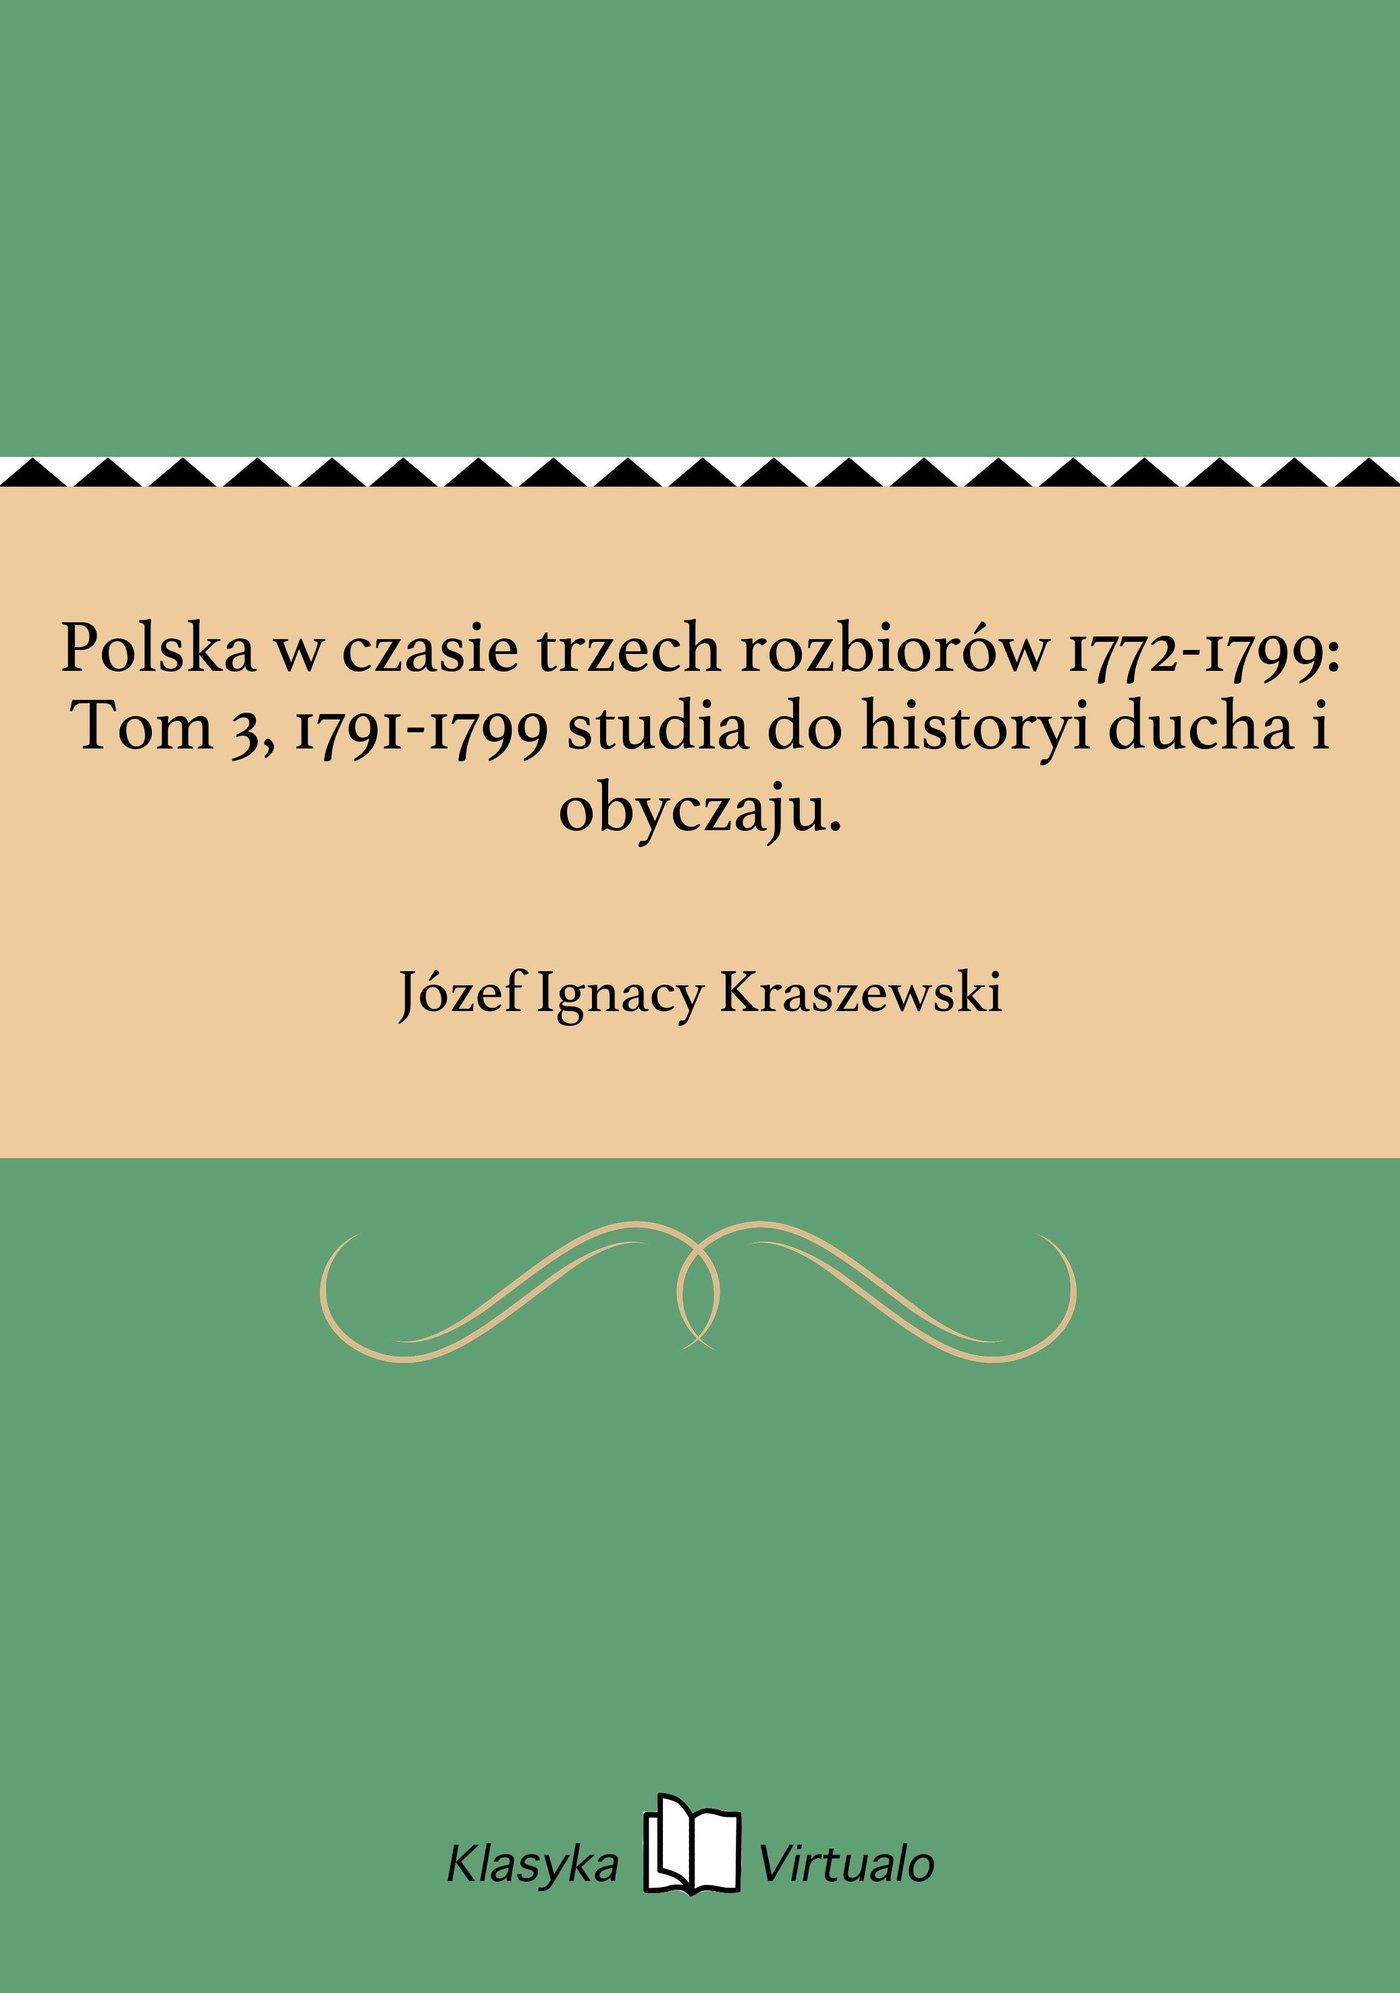 Polska w czasie trzech rozbiorów 1772-1799: Tom 3, 1791-1799 studia do historyi ducha i obyczaju. - Ebook (Książka EPUB) do pobrania w formacie EPUB